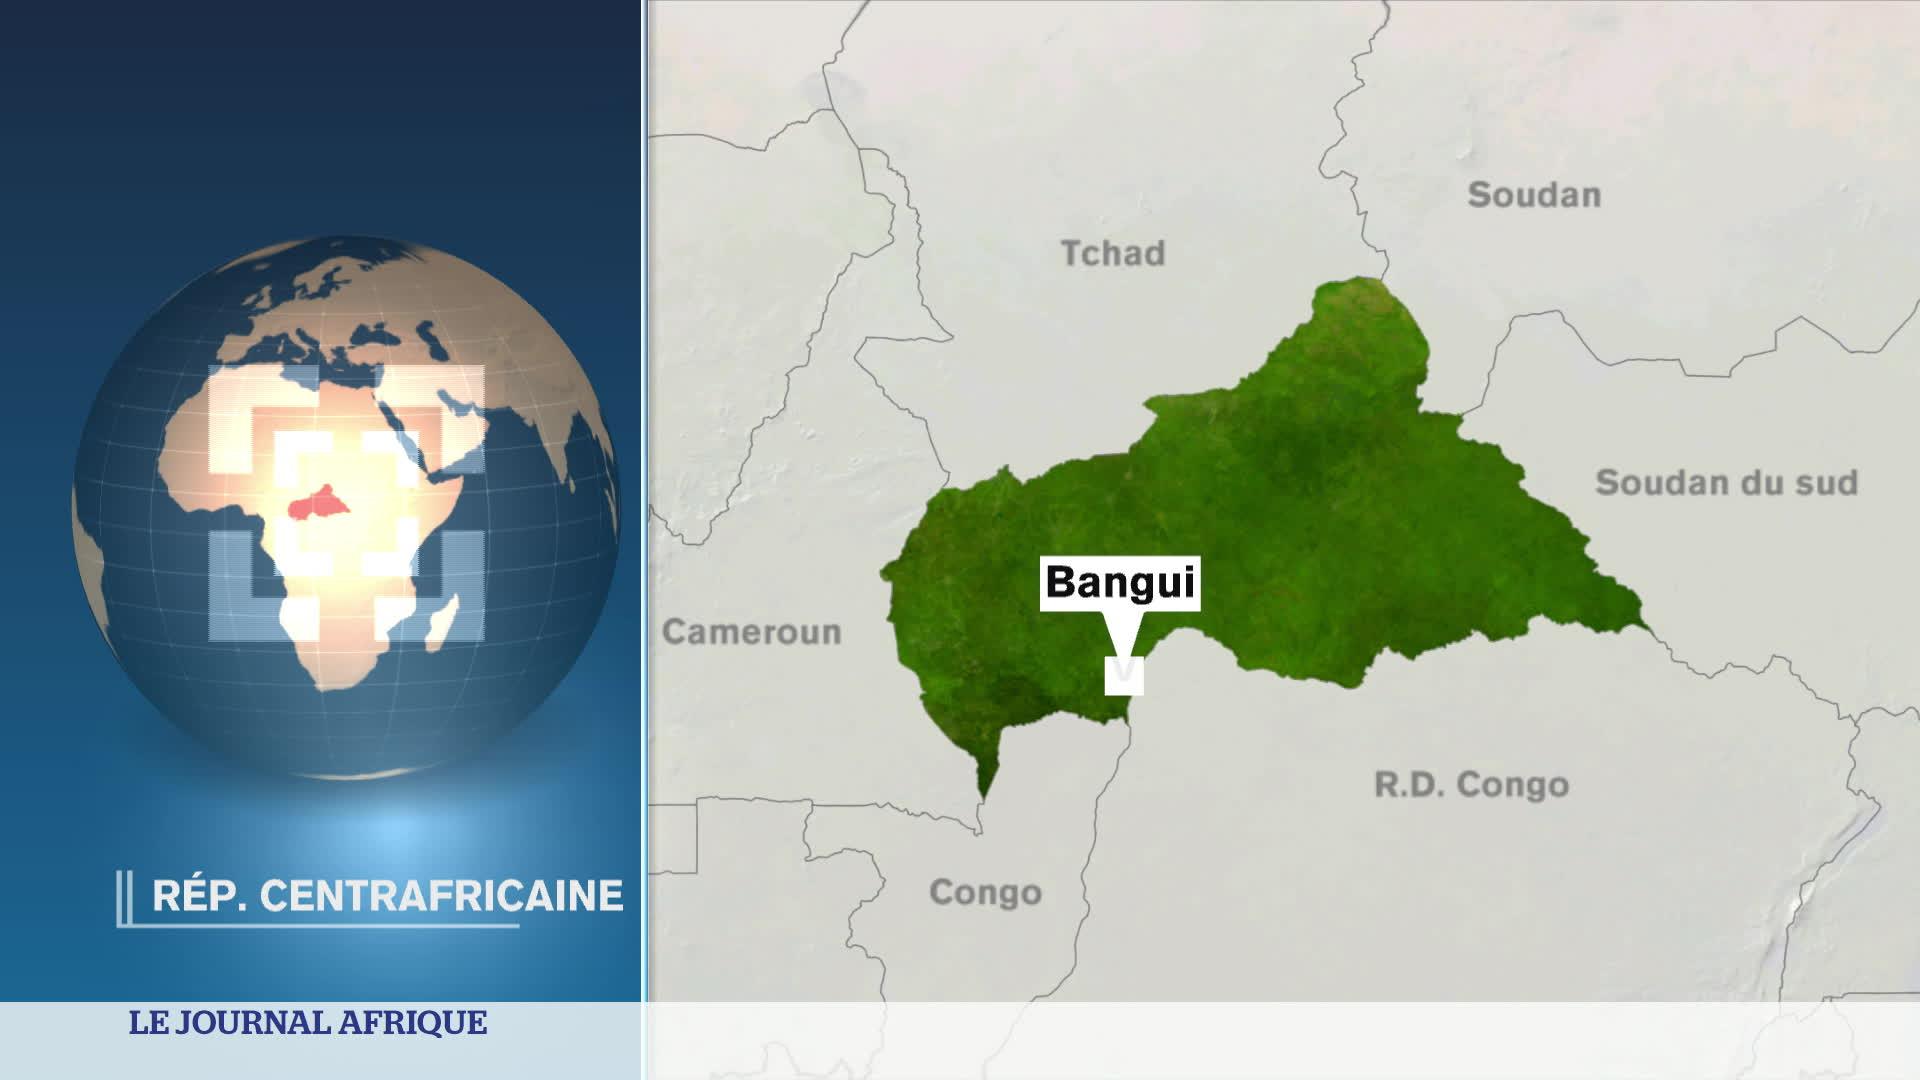 Centrafrique : peut on encore investir en Centrafrique ?